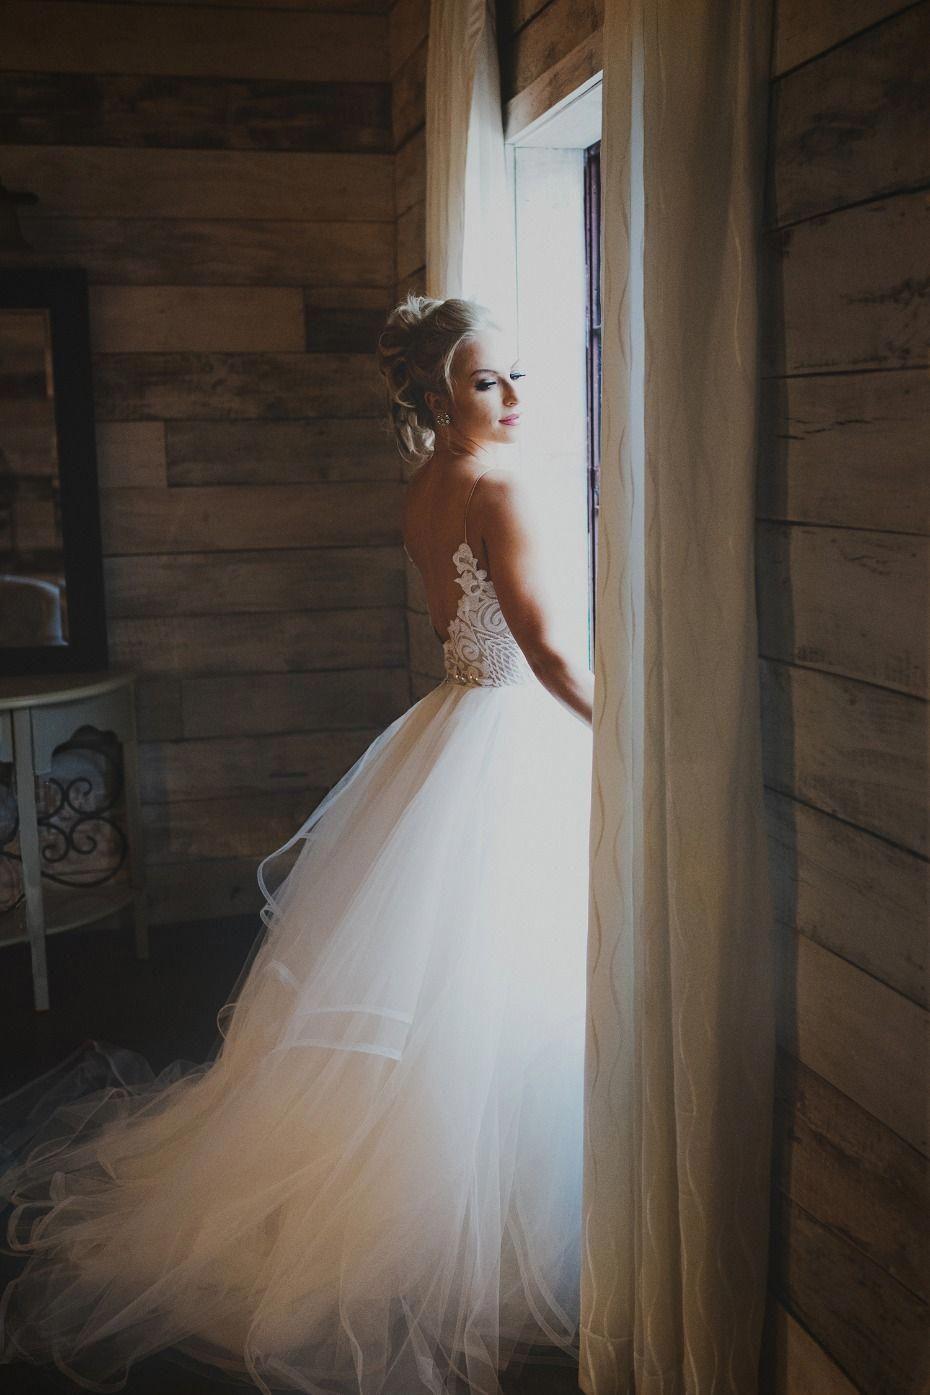 1e1aa7a2df7 Stunning wedding dress  weddings